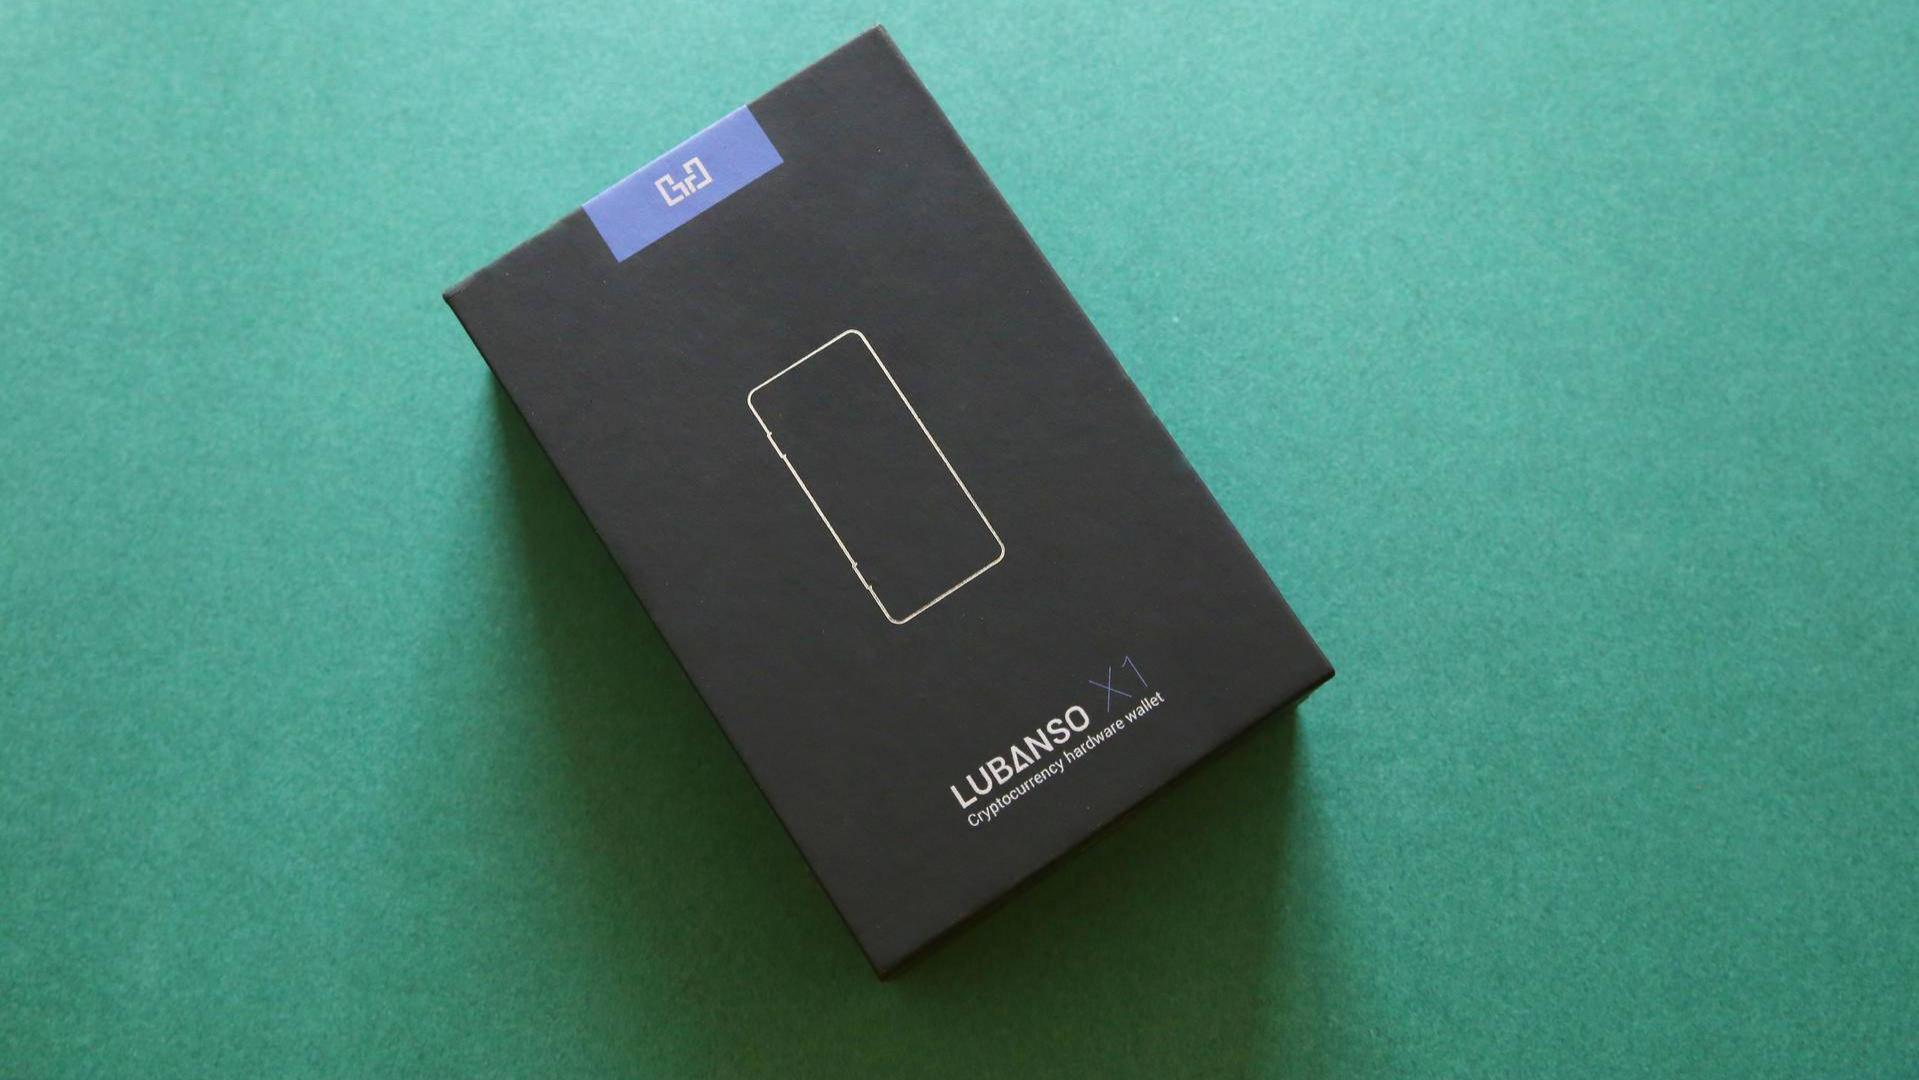 《机锋实验室》:LUBANSO X1硬件钱包开箱评测